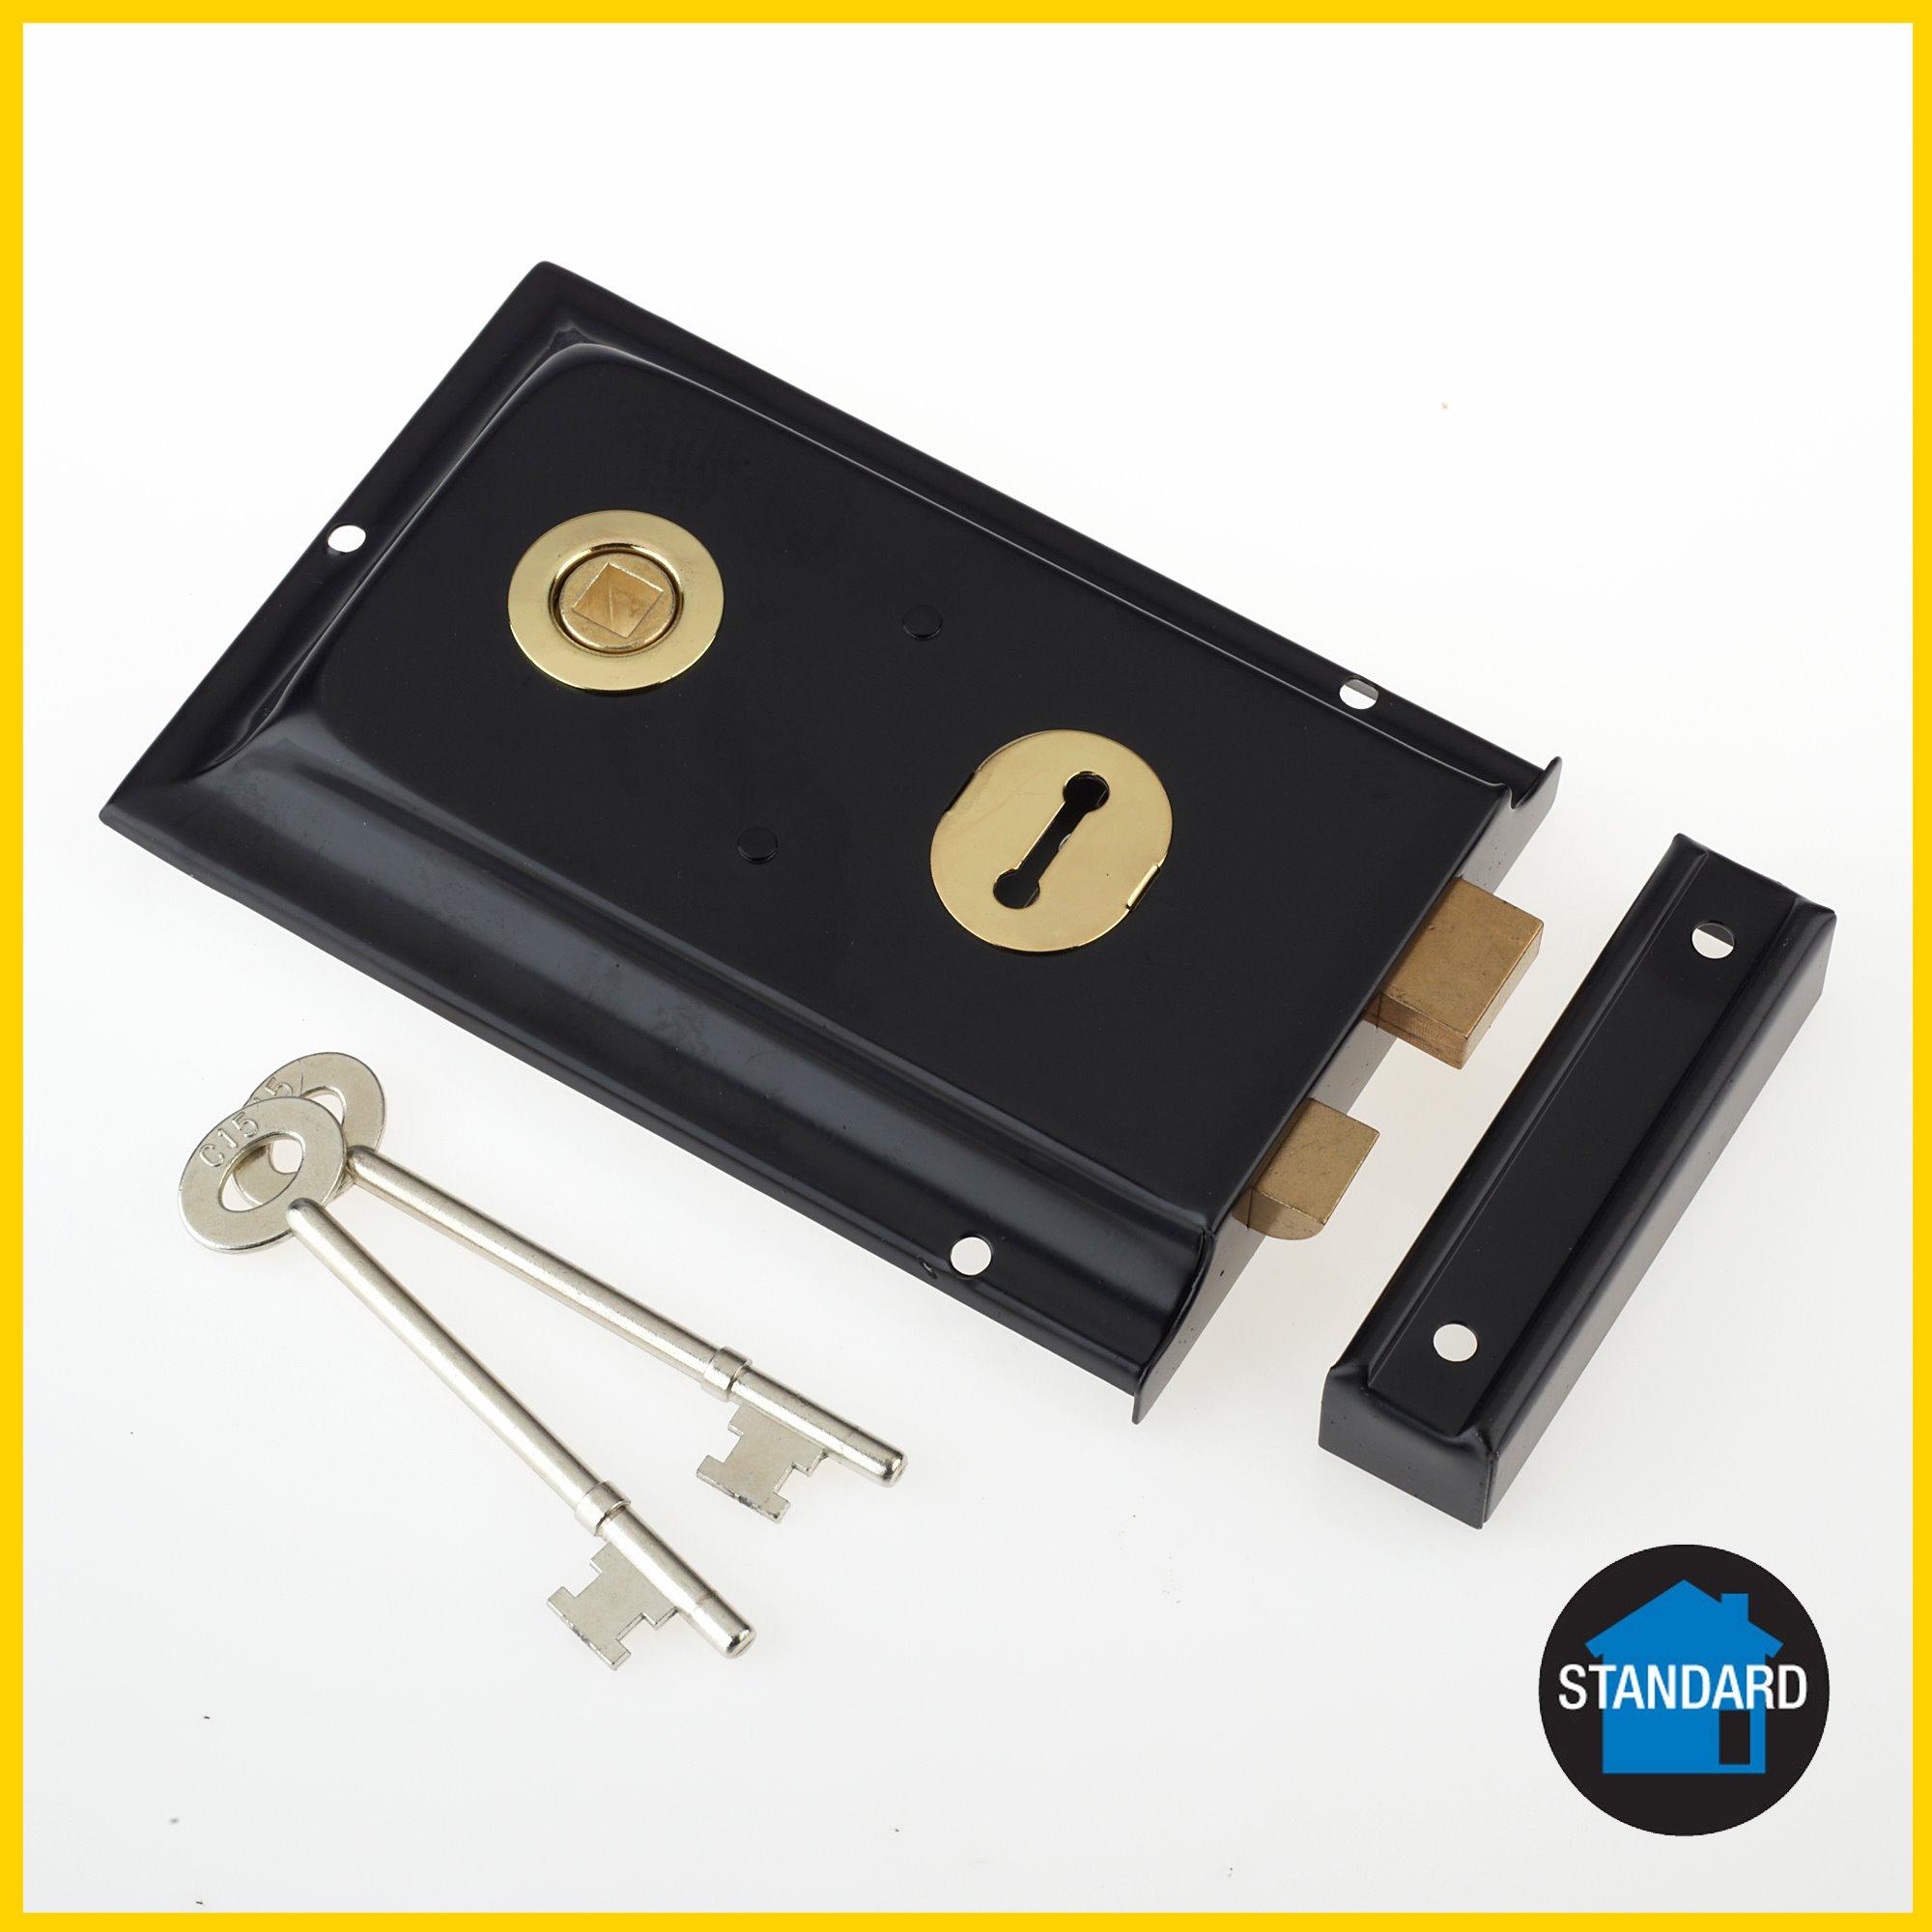 P334 - Rim Lock